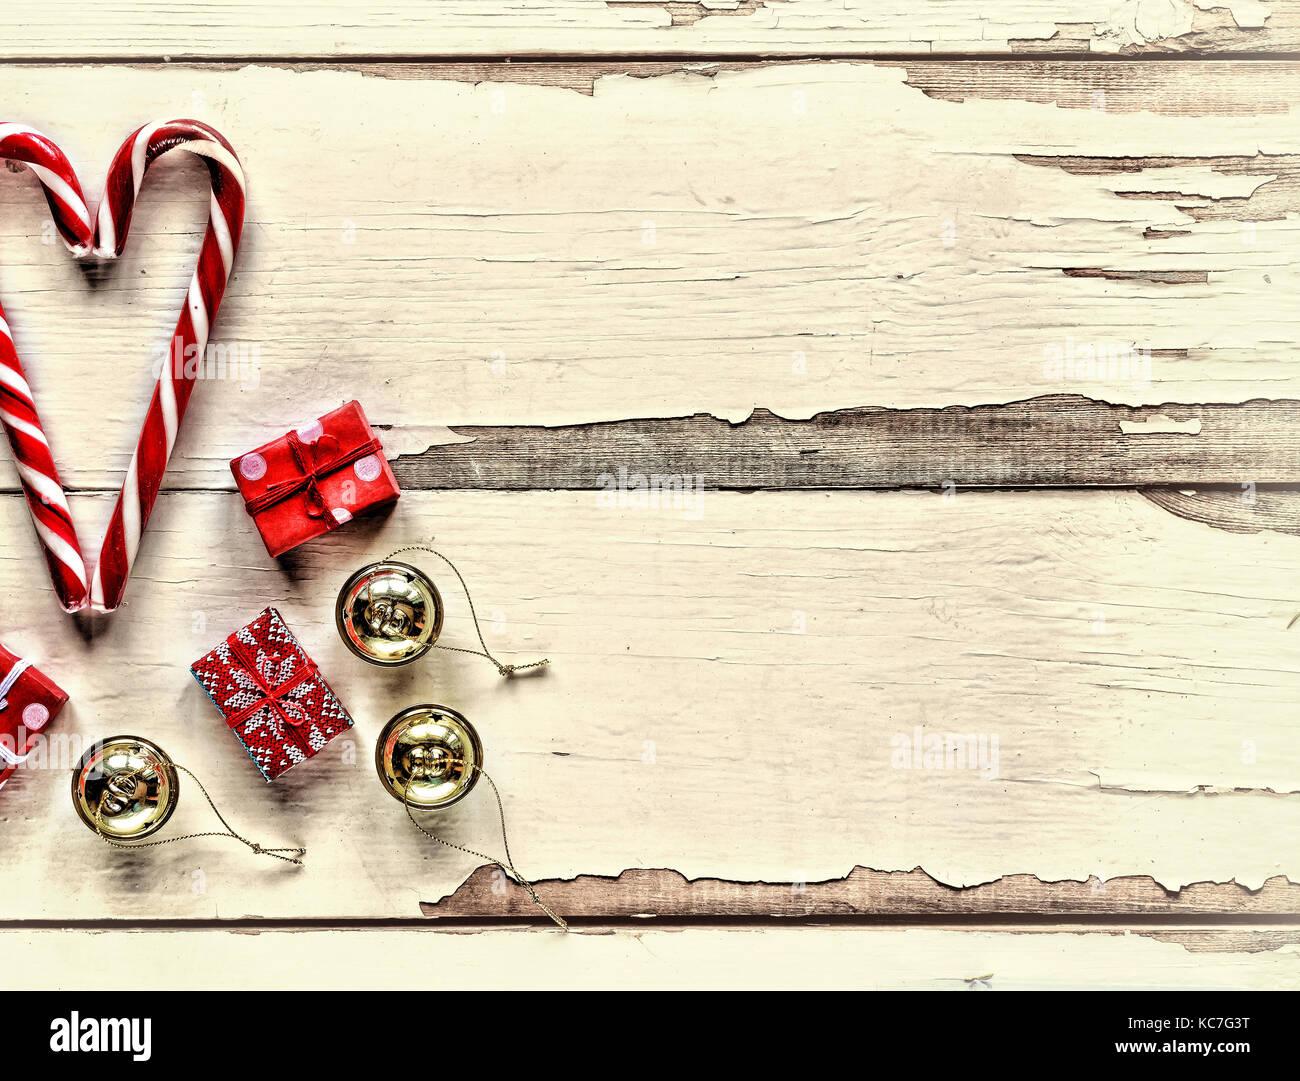 Weihnachten, Neujahr, Valentinstag. Weihnachten Süßigkeiten und ...